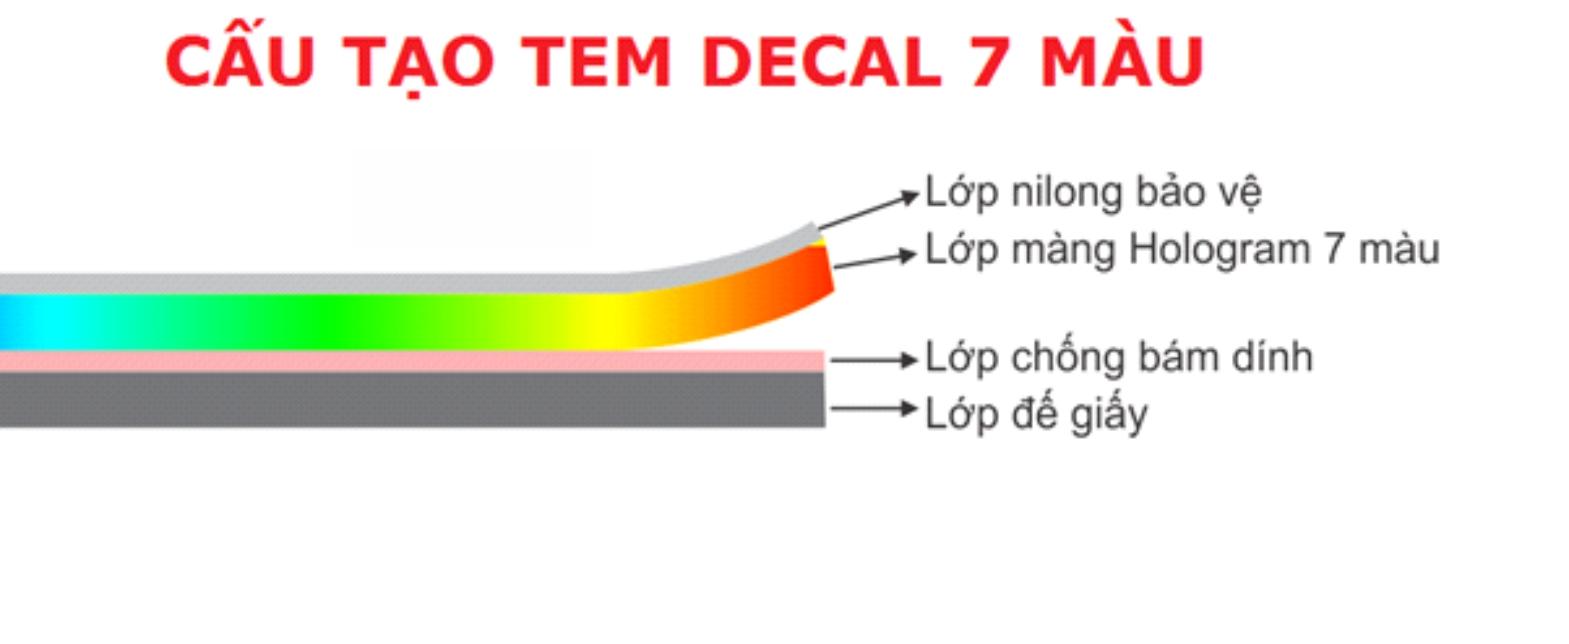 cấu tạo của decal 7 màu